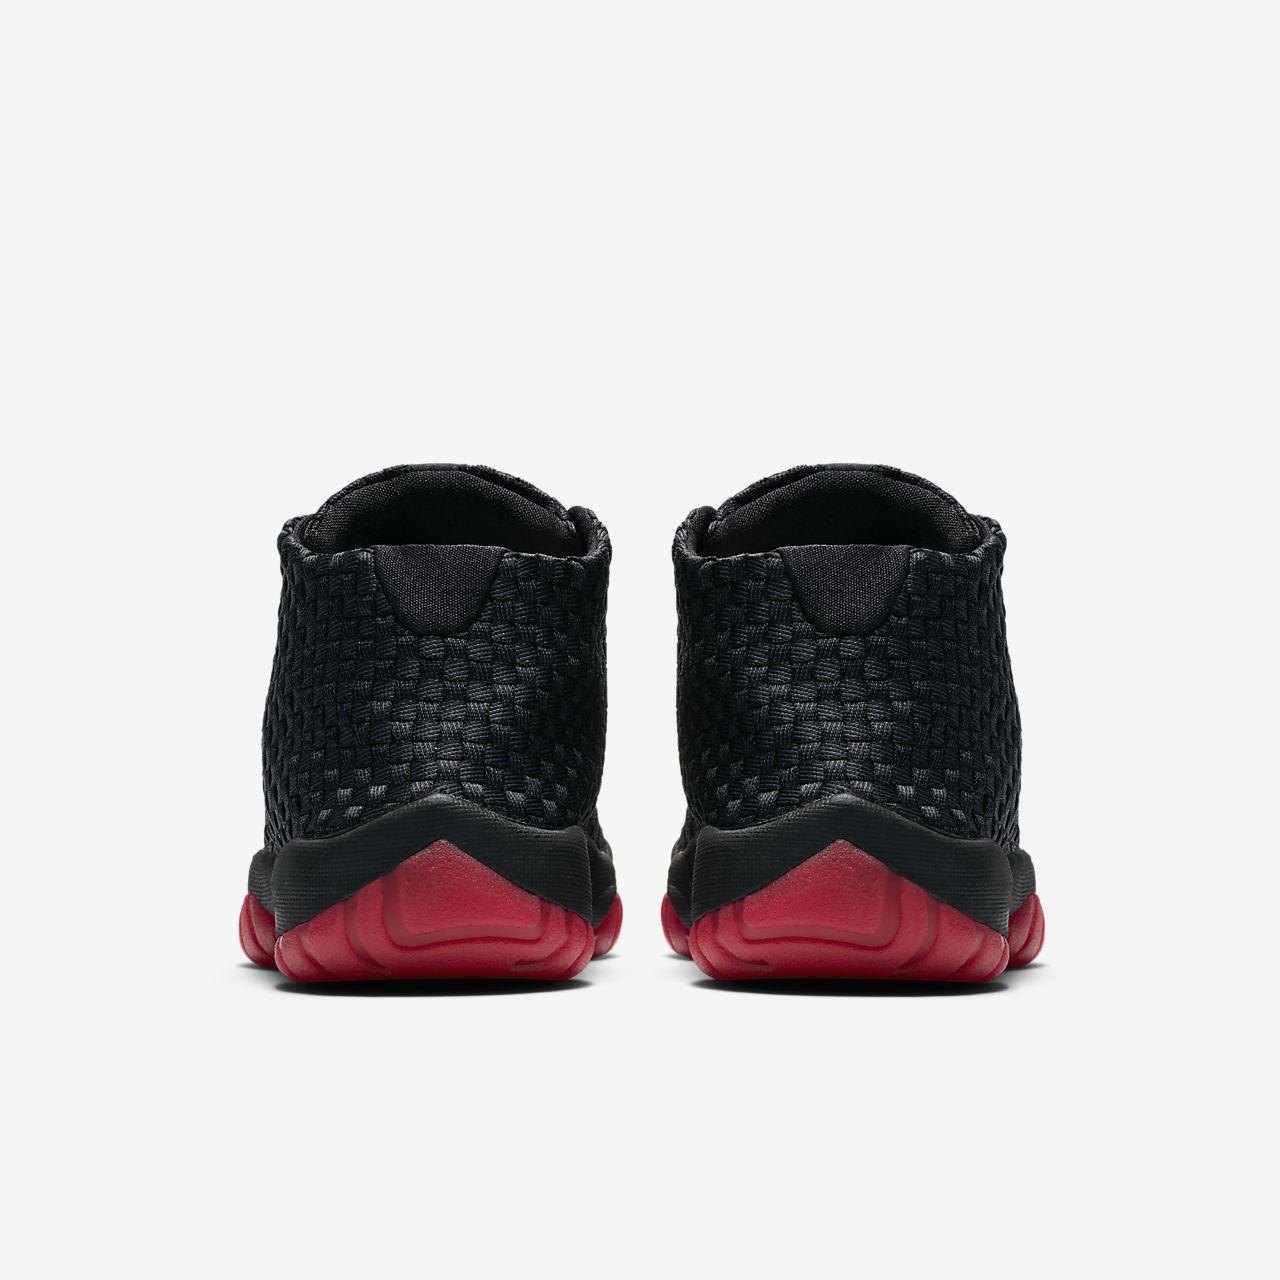 db05f7b36fab42 Low Resolution Air Jordan Future Men s Shoe Air Jordan Future Men s Shoe